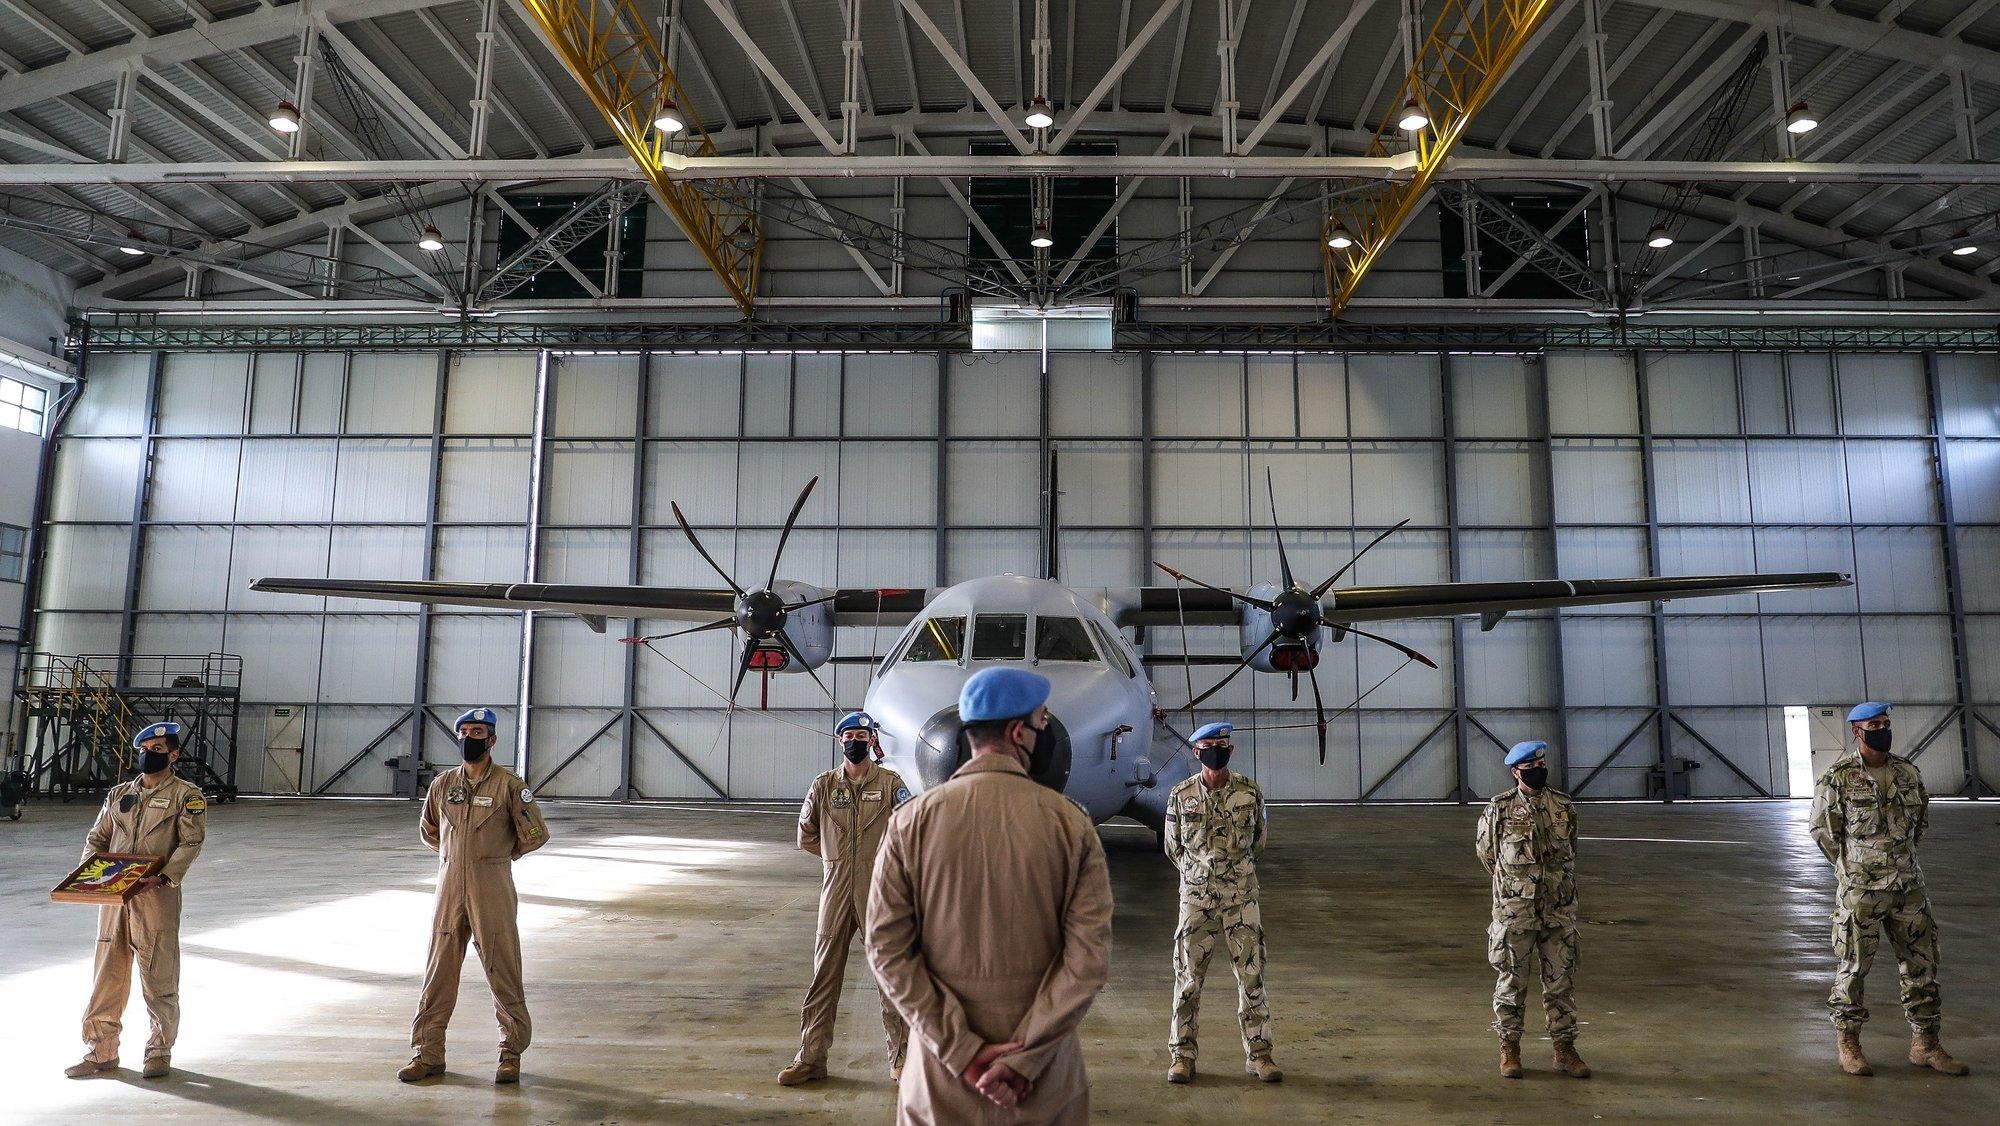 Cerimónia de regresso da Força Nacional Destacada que integrou nos últimos 6 meses a Missão Multidimensional Integrada das Nações Unidas para a Estabilização do Mali (MINUSMA), na Base Aérea nº 6, Montijo, 31 de dezembro de 2020.  MÁRIO CRUZ/LUSA